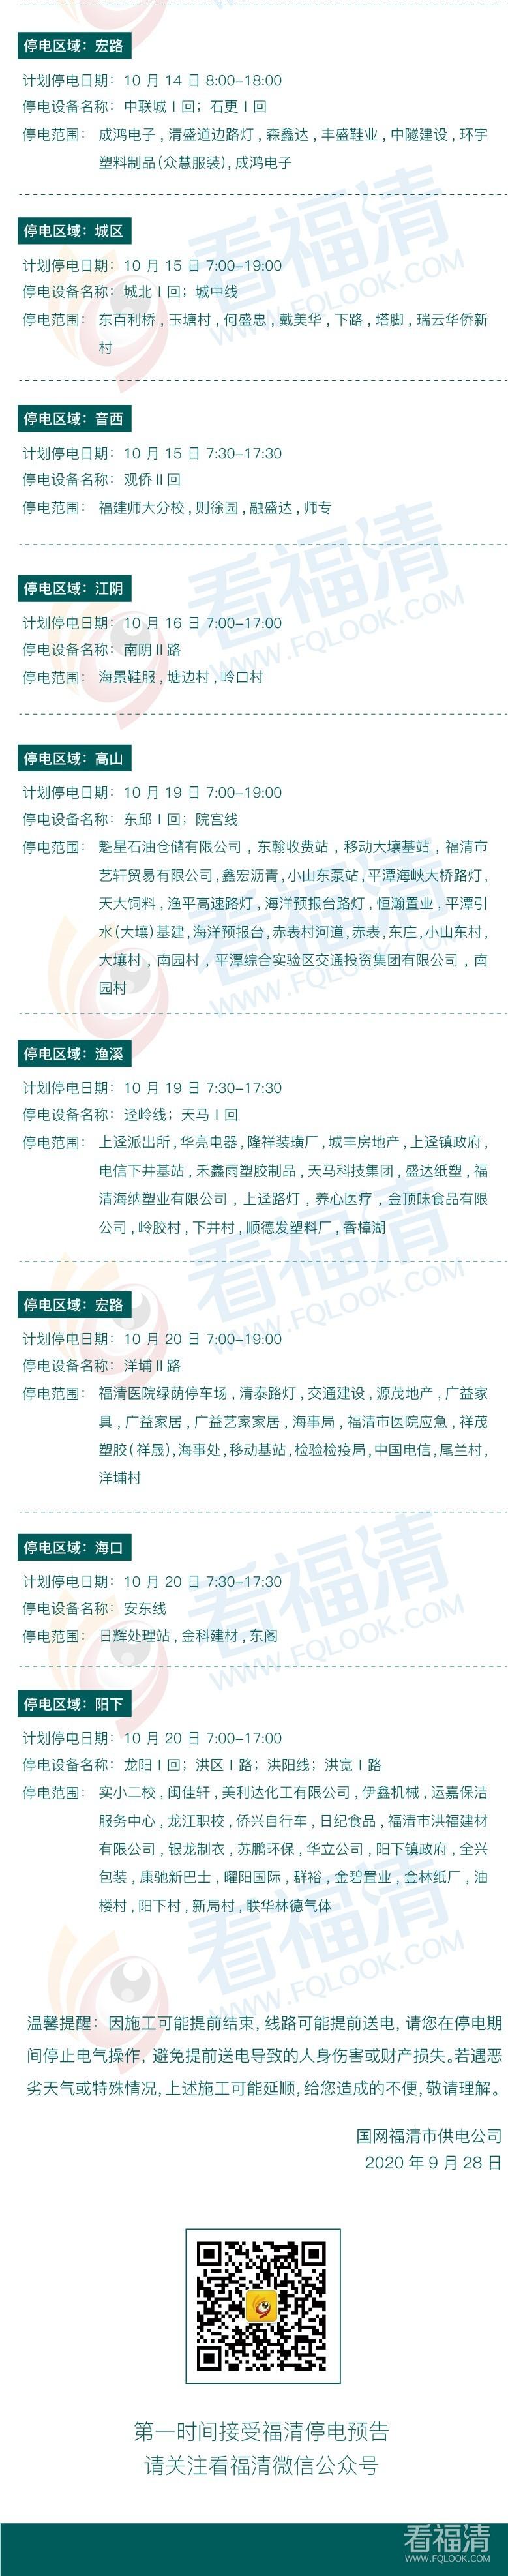 2020年10月福清停电公告(1日至20日)